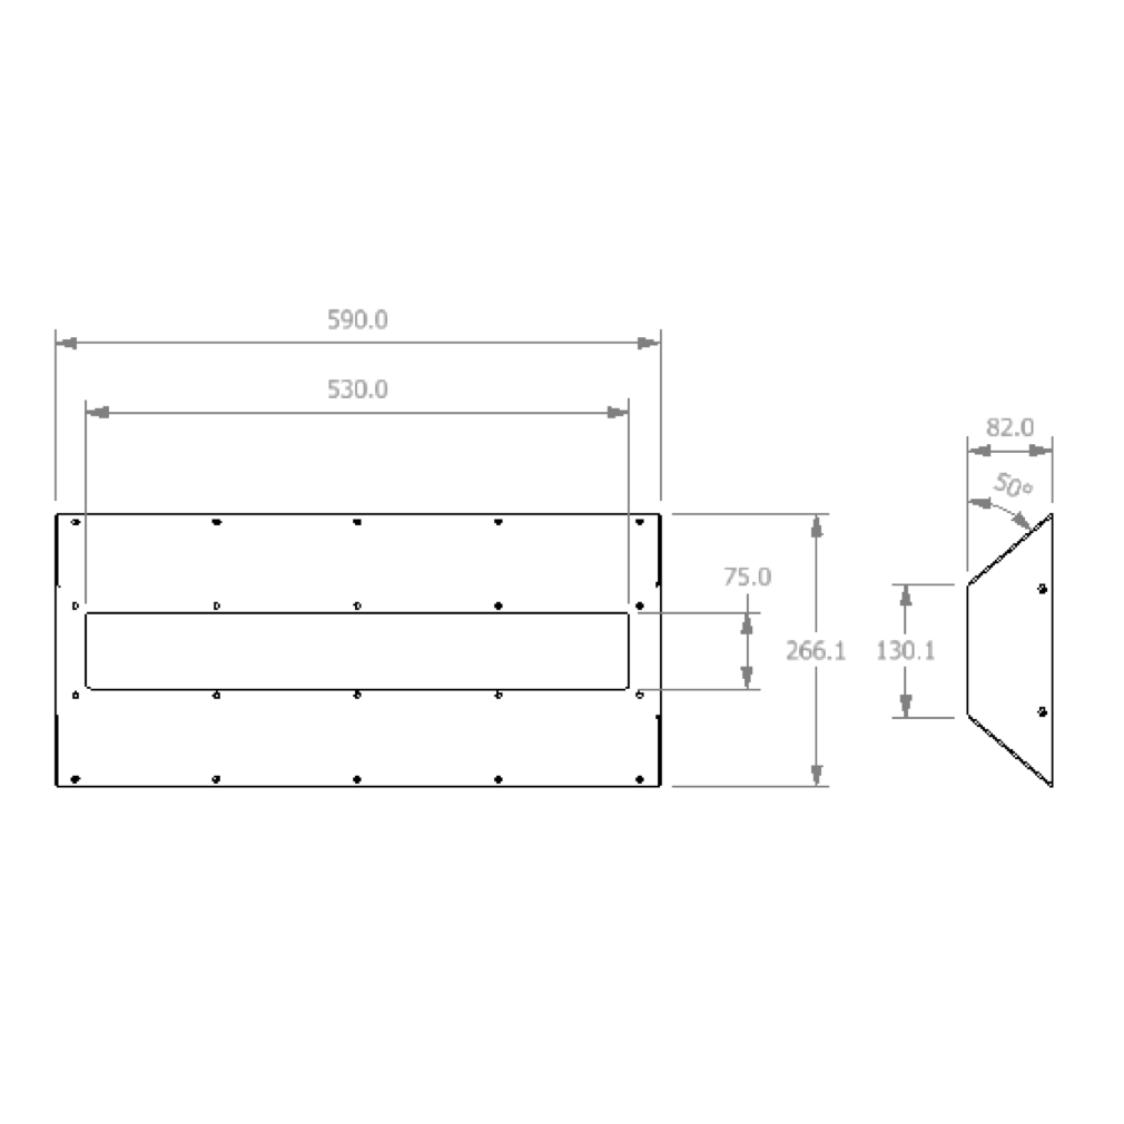 dura-lite-600 surface measurements